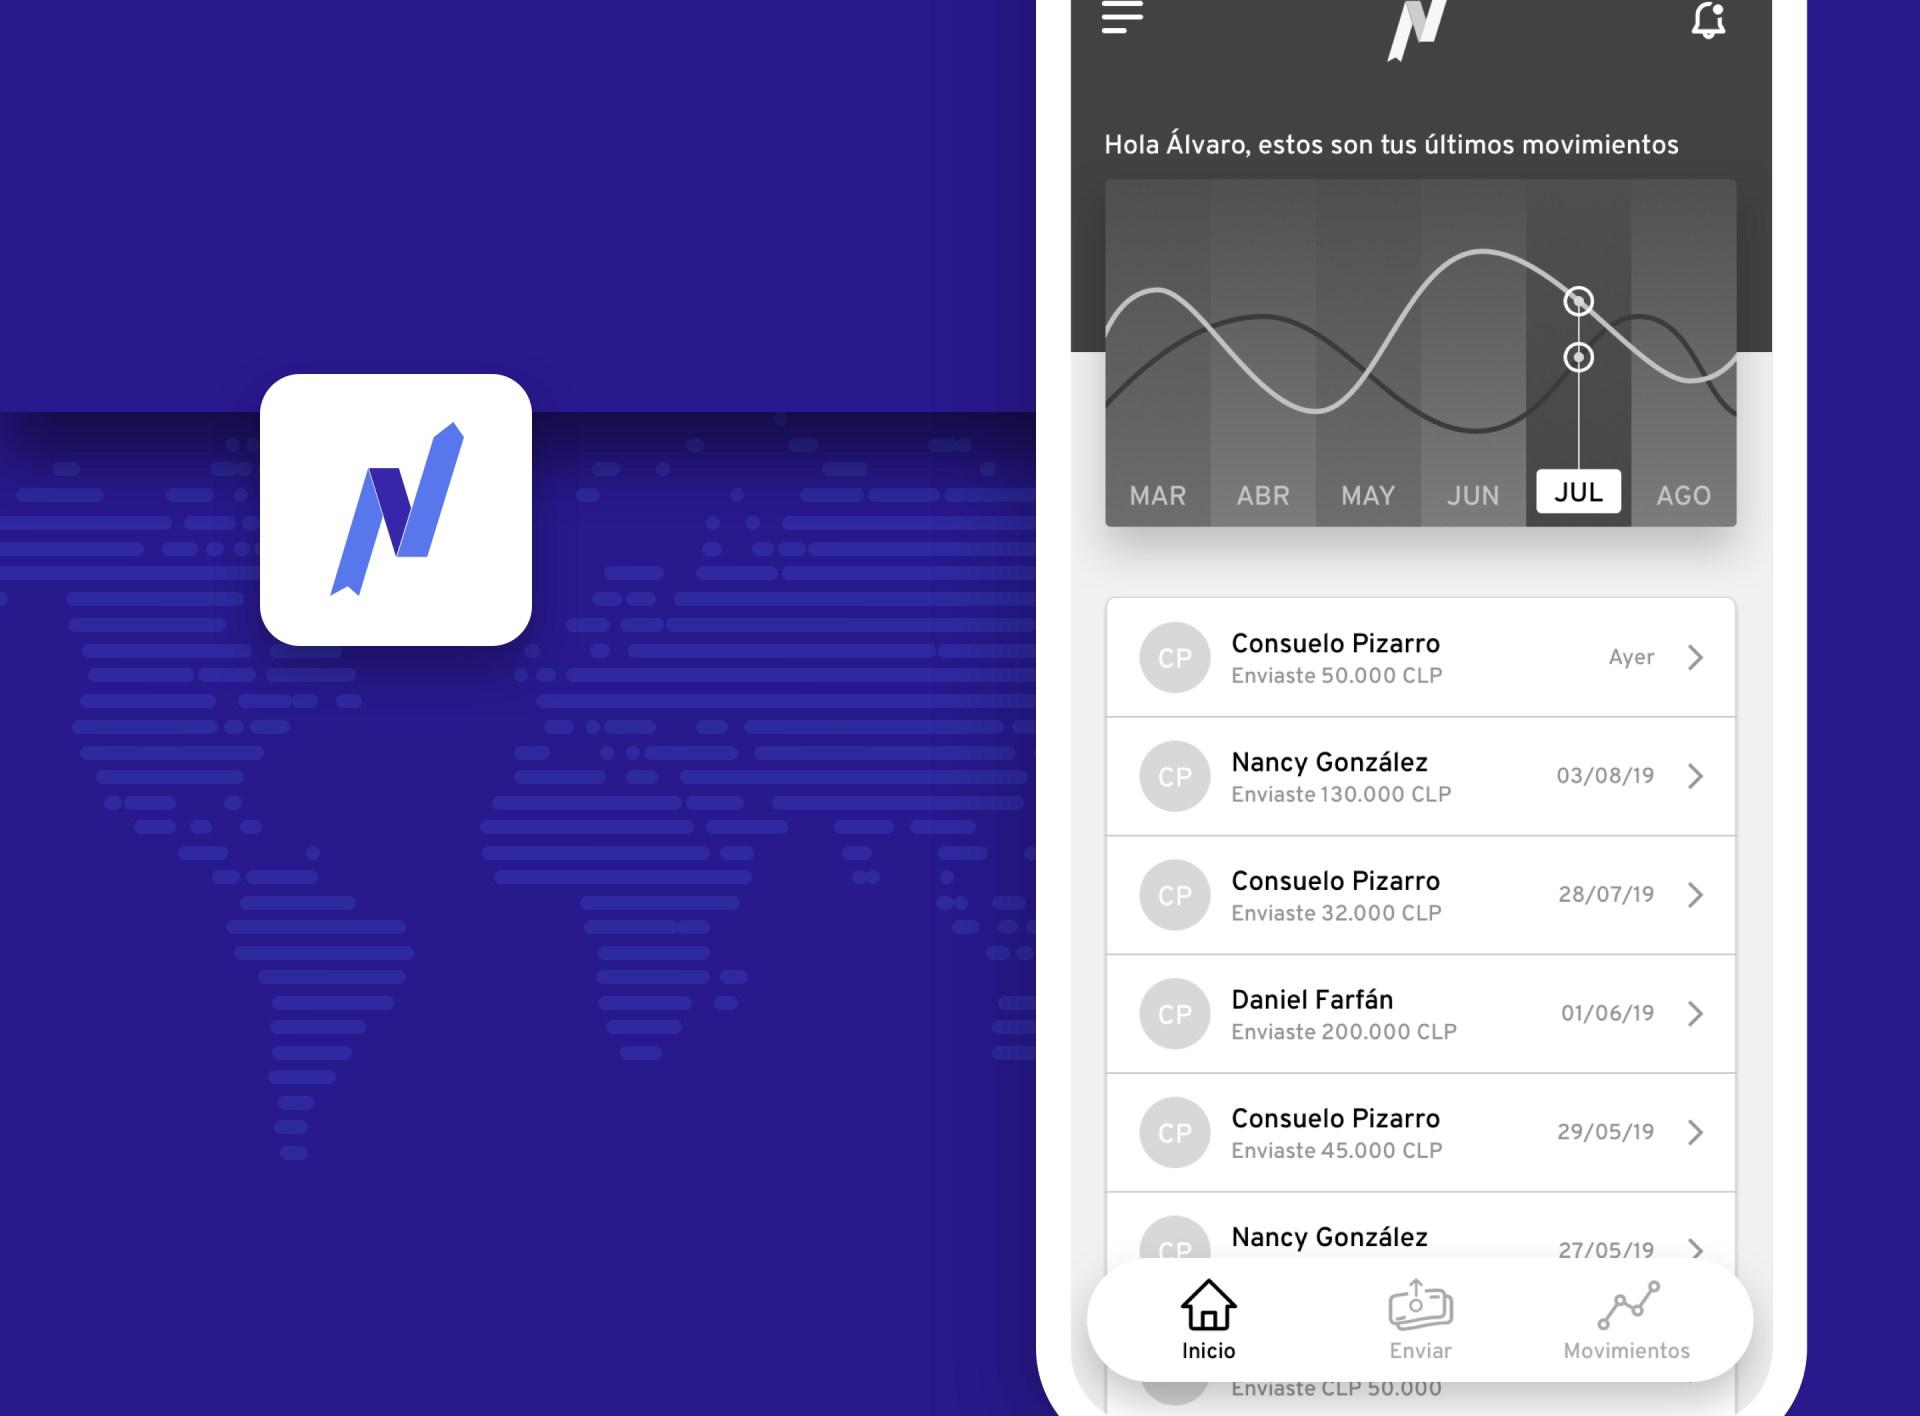 New Ventures: Aplicación móvil para envío de dinero